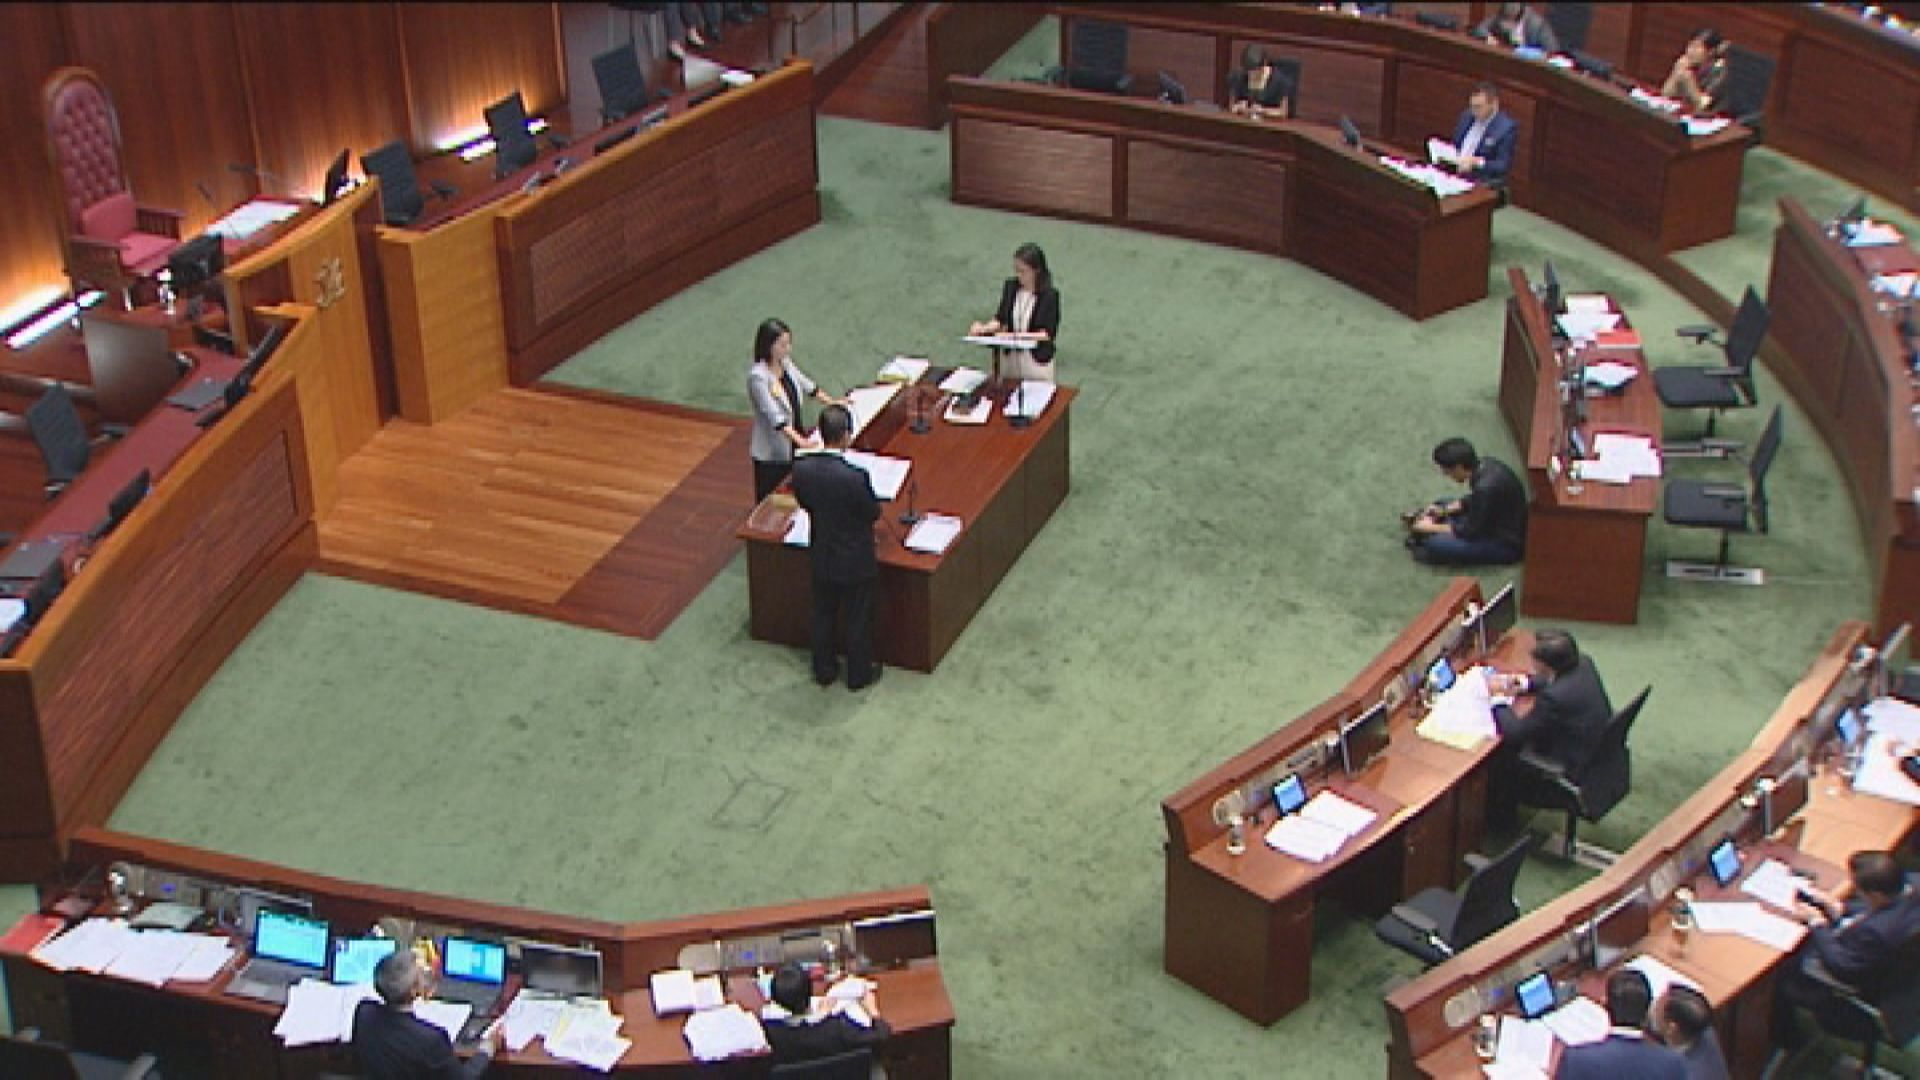 選舉主任代表律師指確實證據顯示劉小麗不擁護基本法